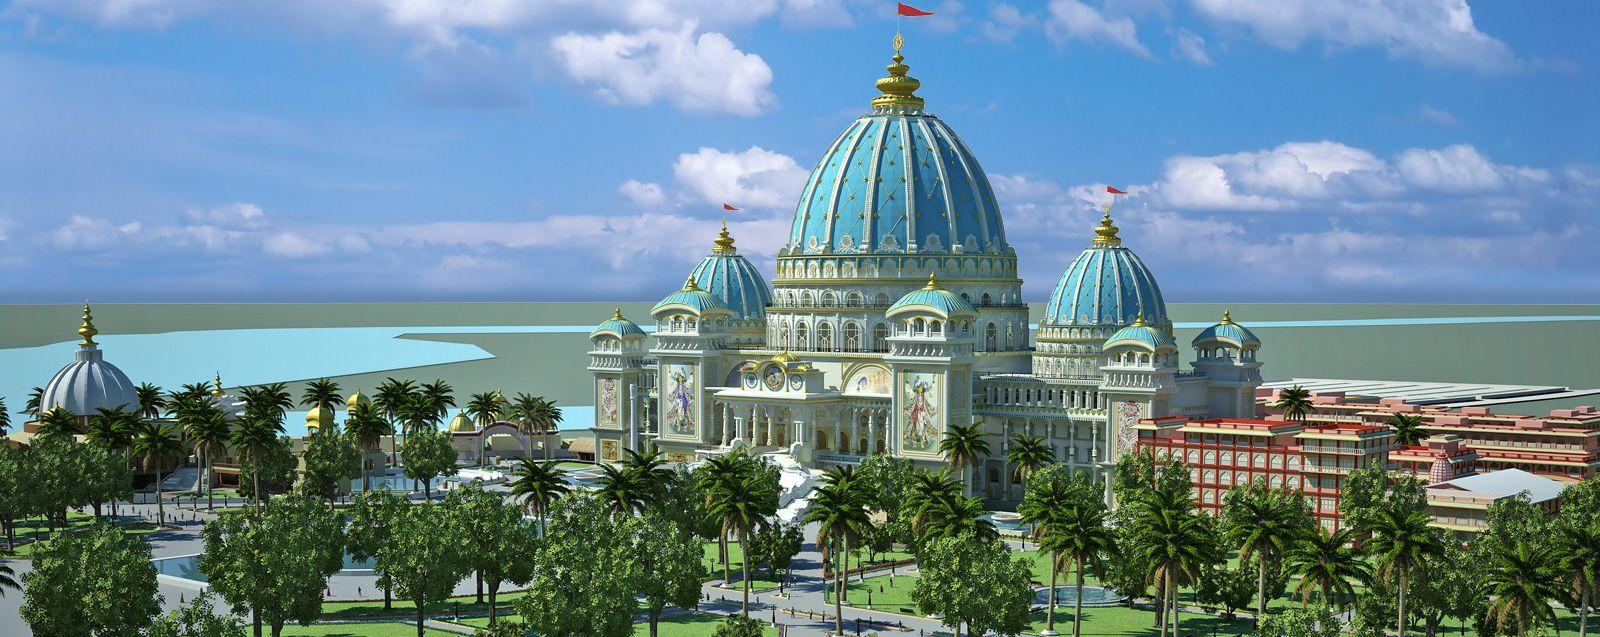 Temple Of The Vedic Planetarium Home